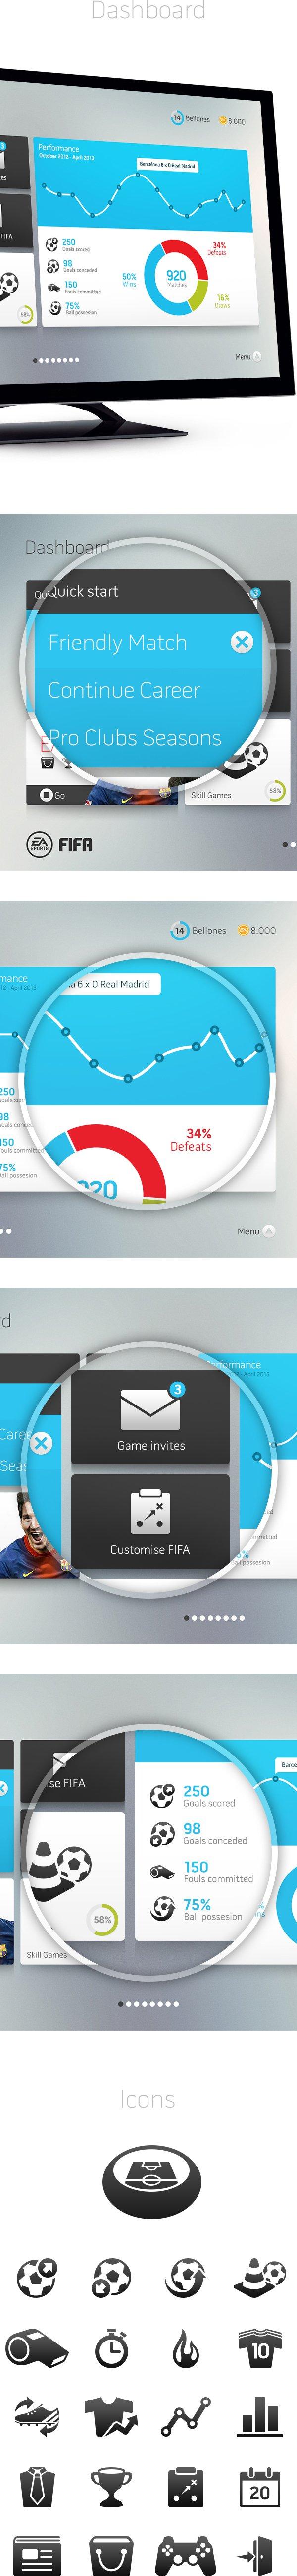 В сети появился дизайнерский прототип интерфейса FIFA - Изображение 3